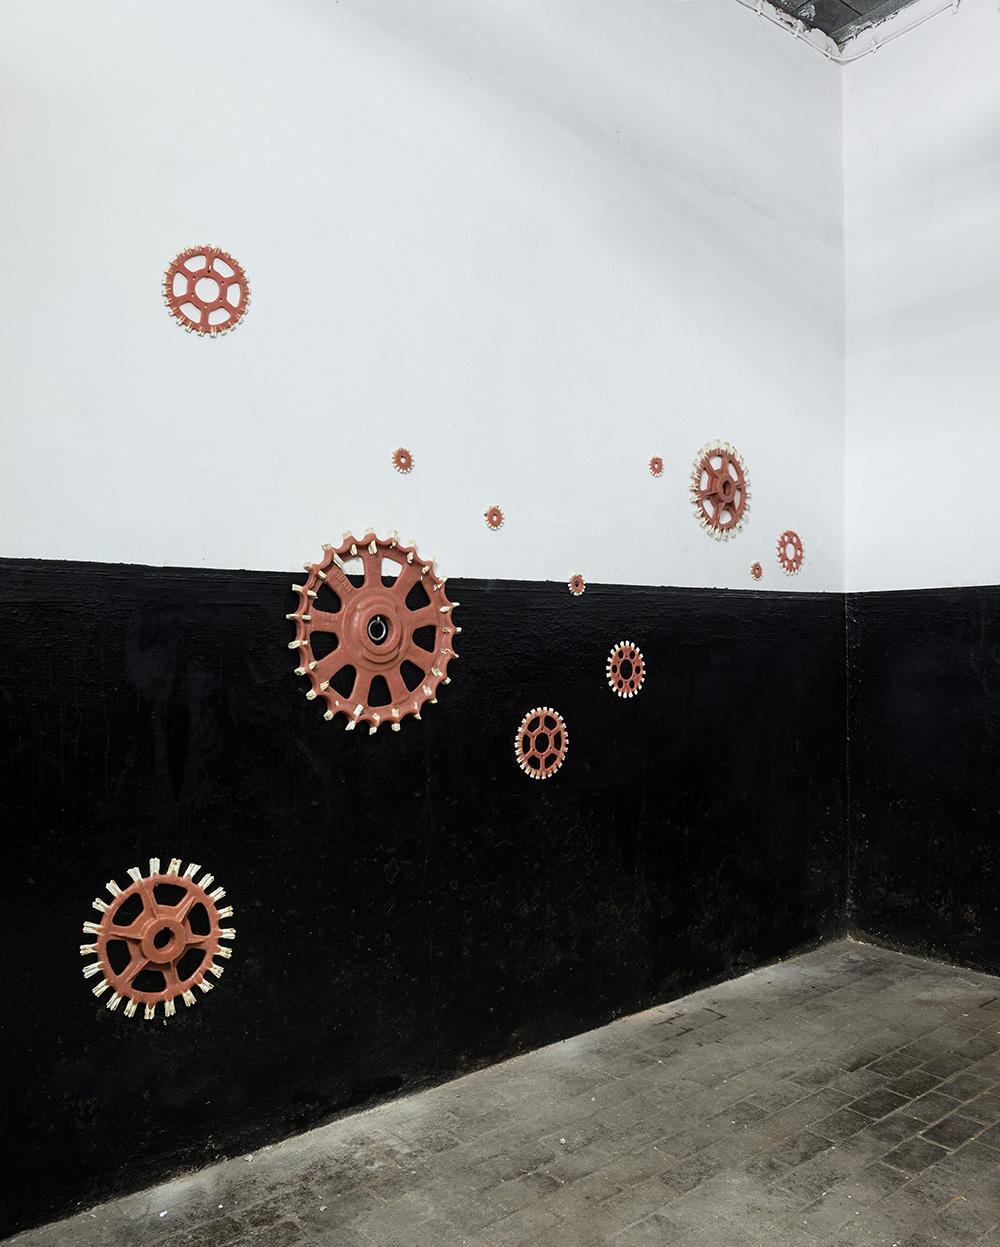 Het Vlot. Kunst is (niet) eenzaam 2017<div style='clear:both;width:100%;height:0px;'></div><span class='desc'>Mu.Zee, Hippodrome, Oostende BE <br>Materiaal: kunstgebitten hars, dieren- & mensentanden <br>Photo: Steven Decroos <br>Curatoren Jan Fabre & Joanna de Vos</span>